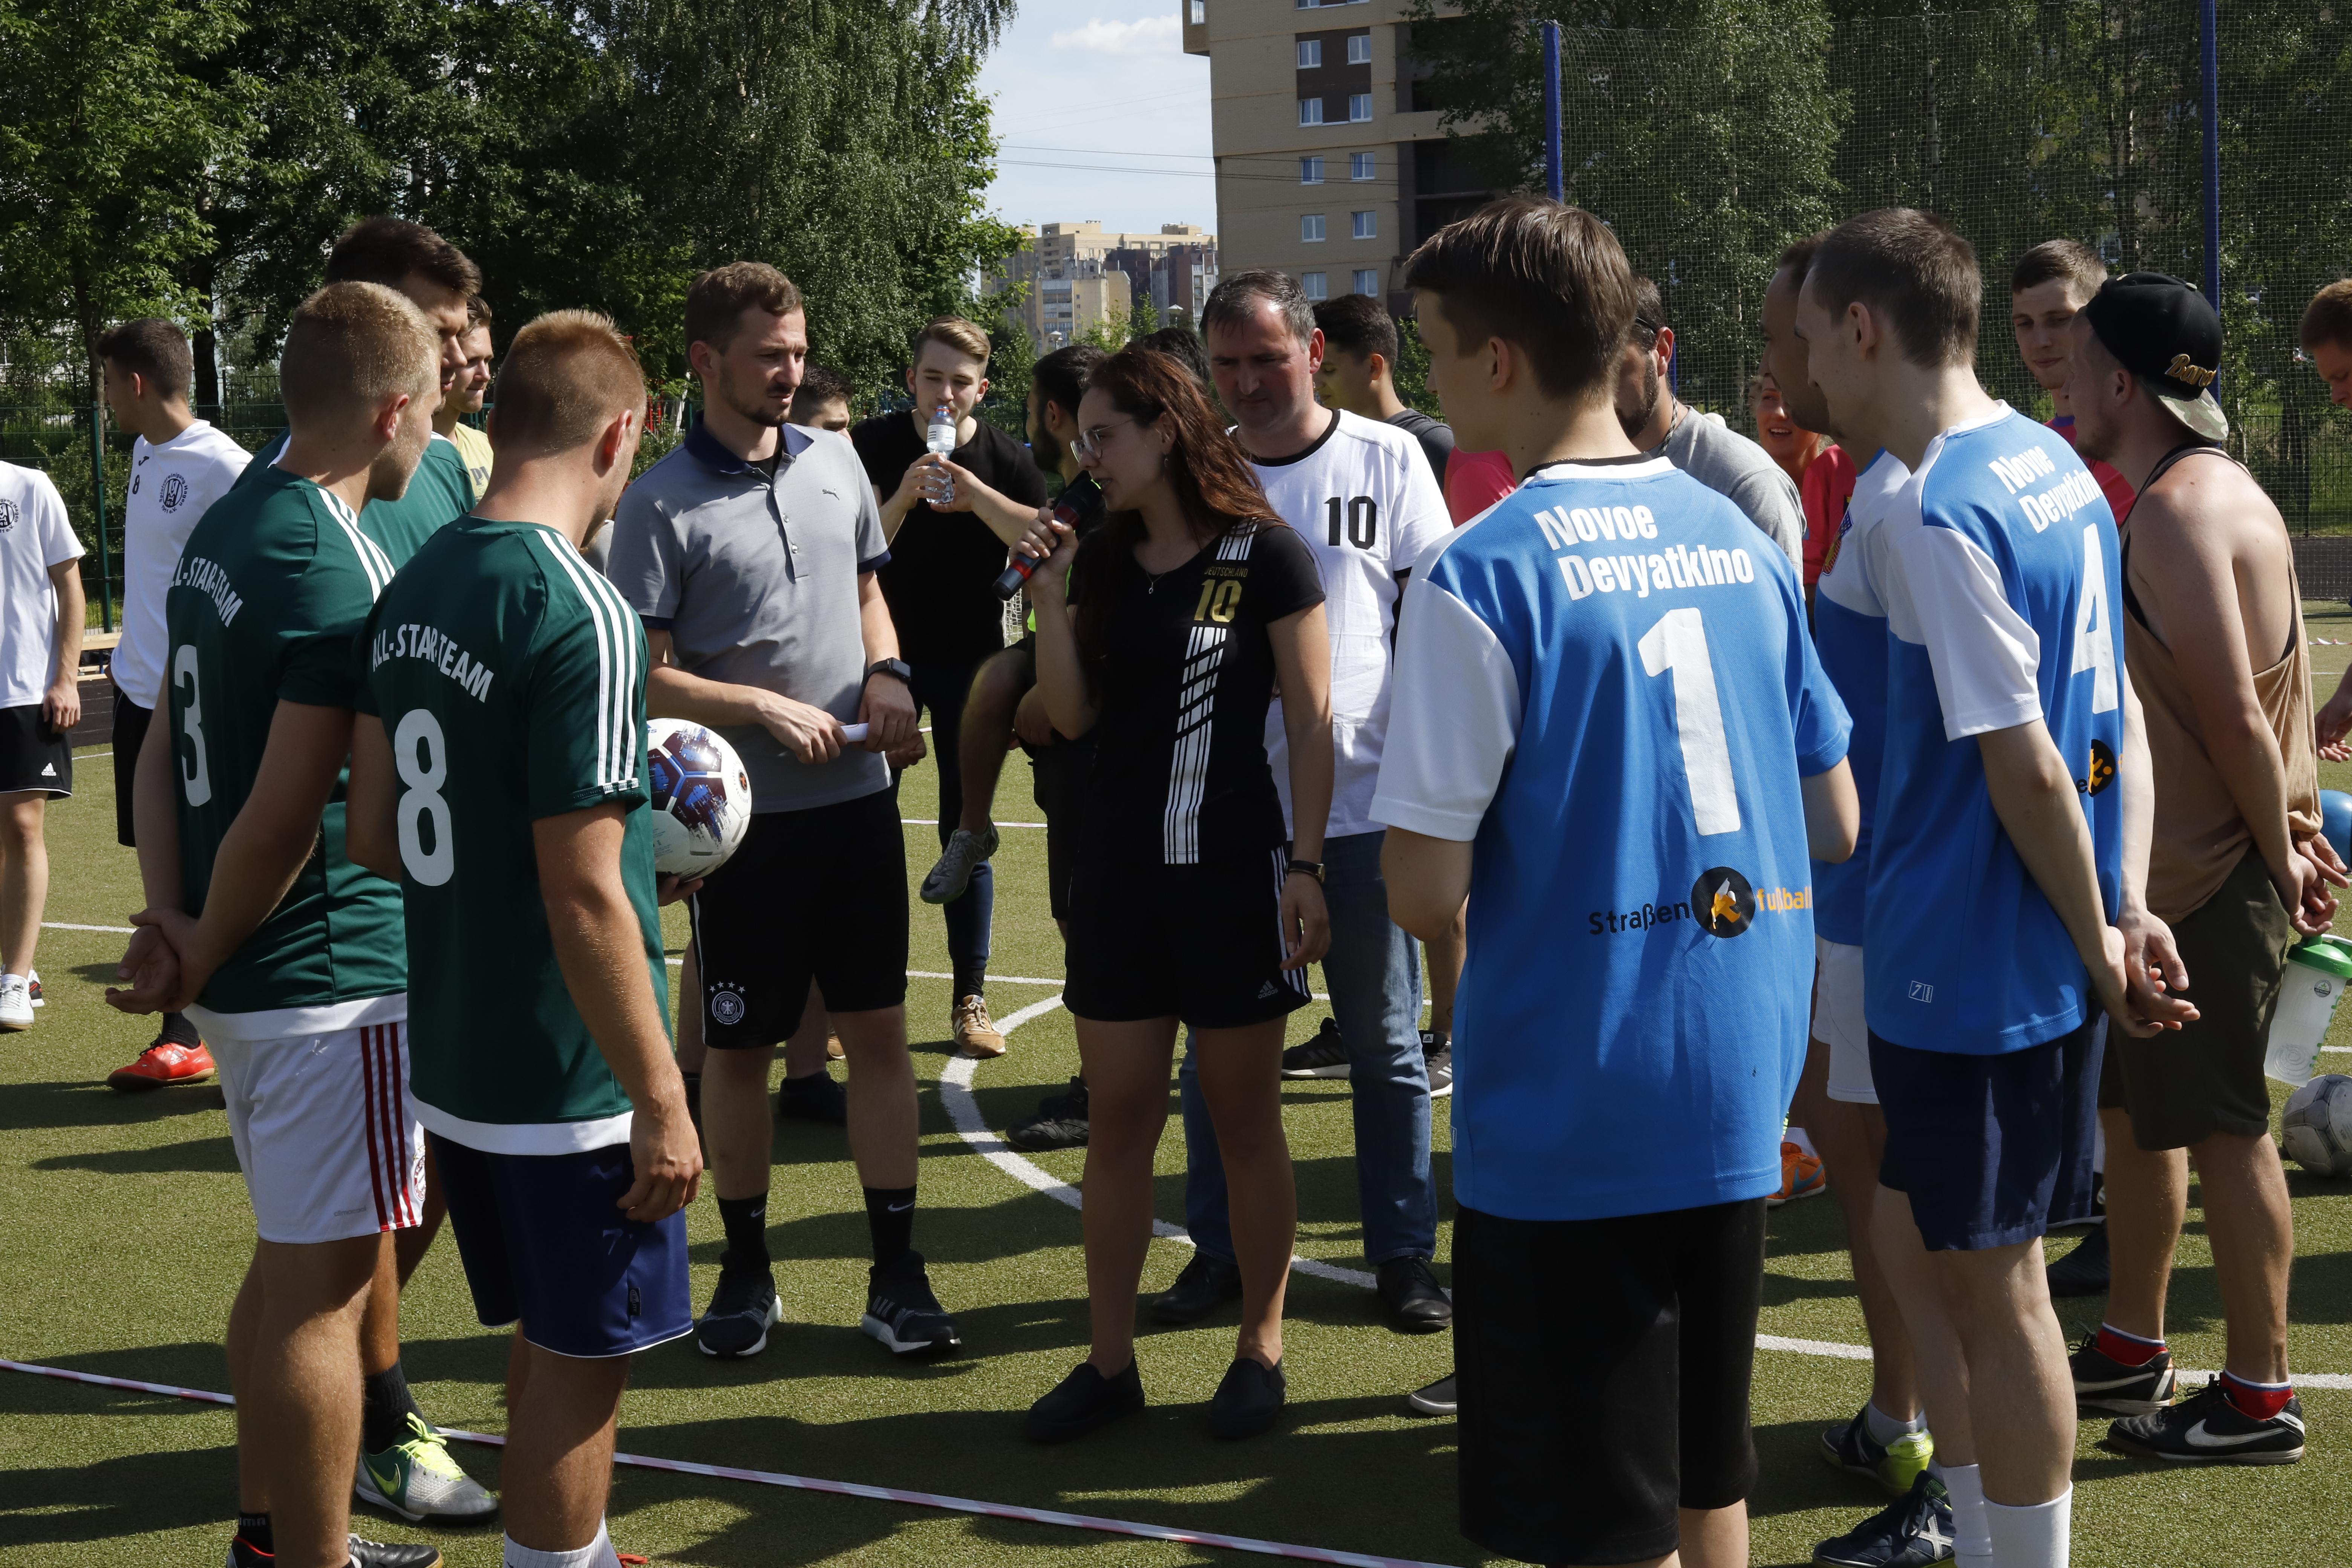 Fairplay-Regeln aufstellen bei den Deutsch-Russischen Fußballbrücken in Nowoje Dewjatkino / Peggy Lohse